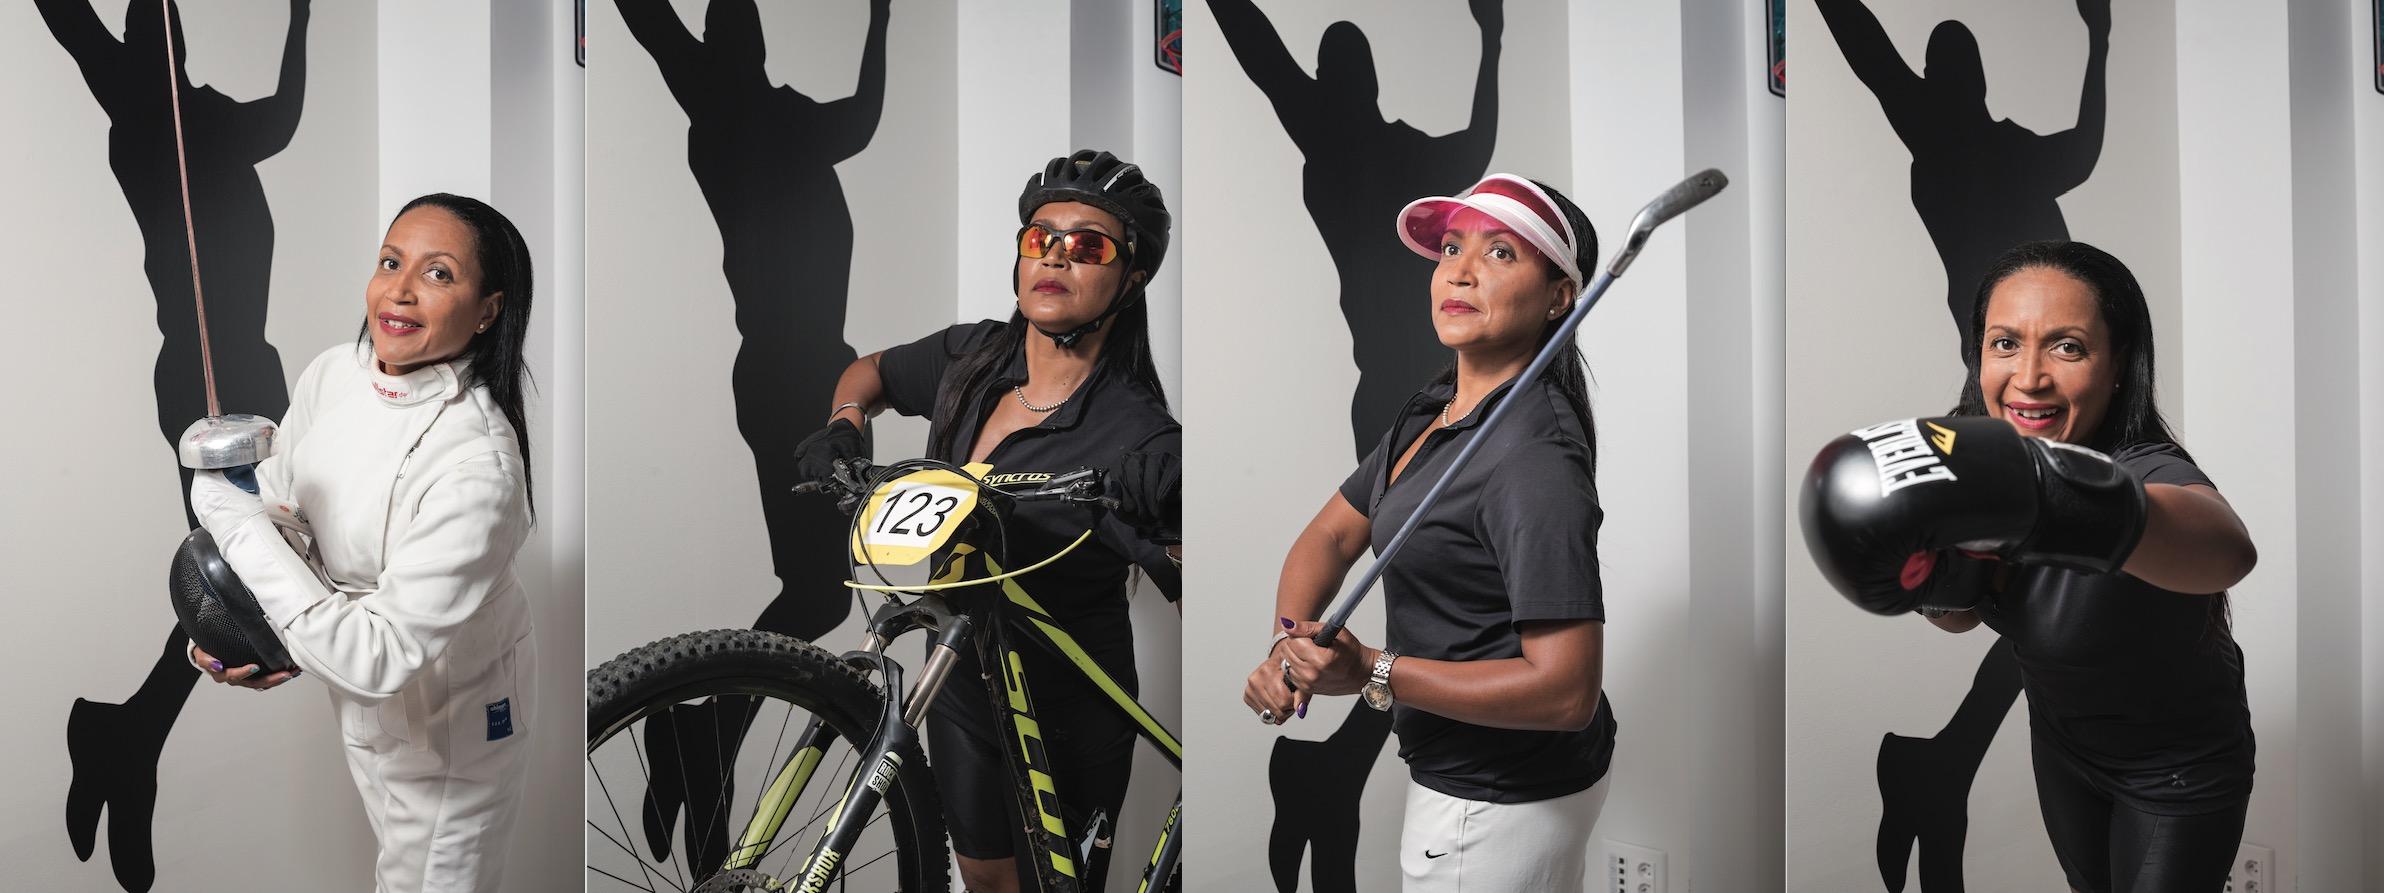 Couleurs Caraïbes : voyagez sports au départ des Antilles